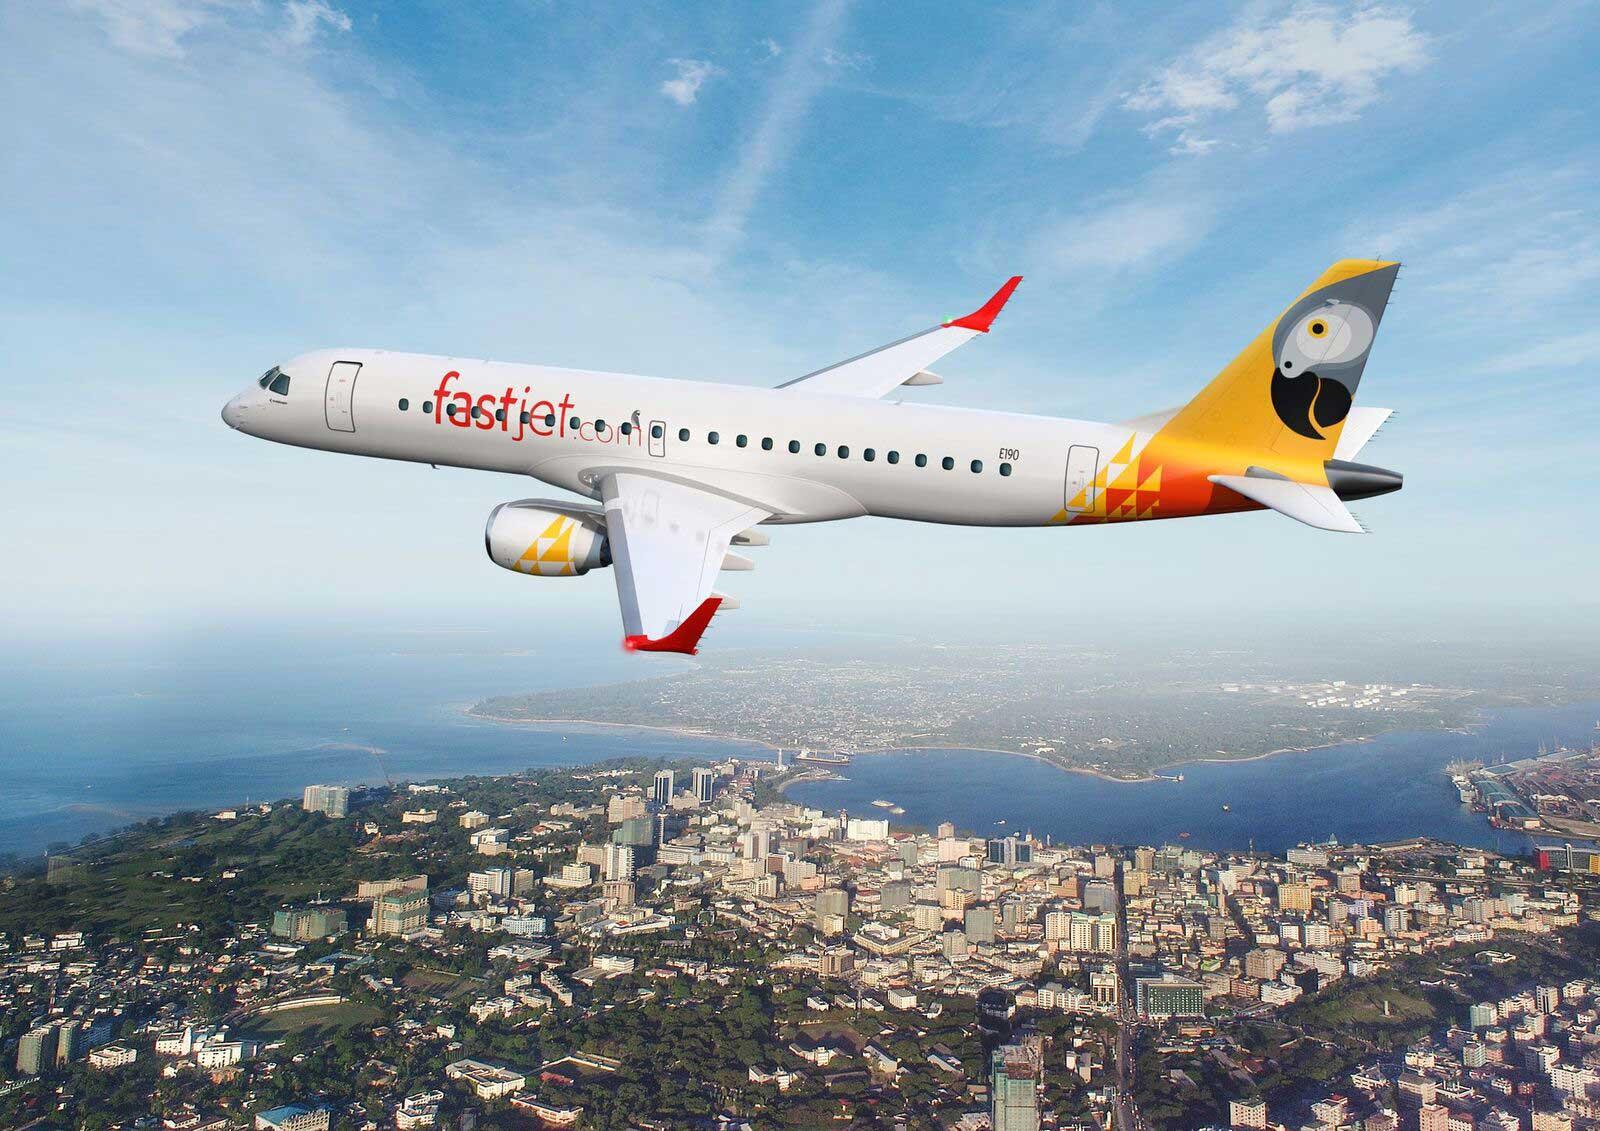 Resultado de imagen para Fastjet Airlines